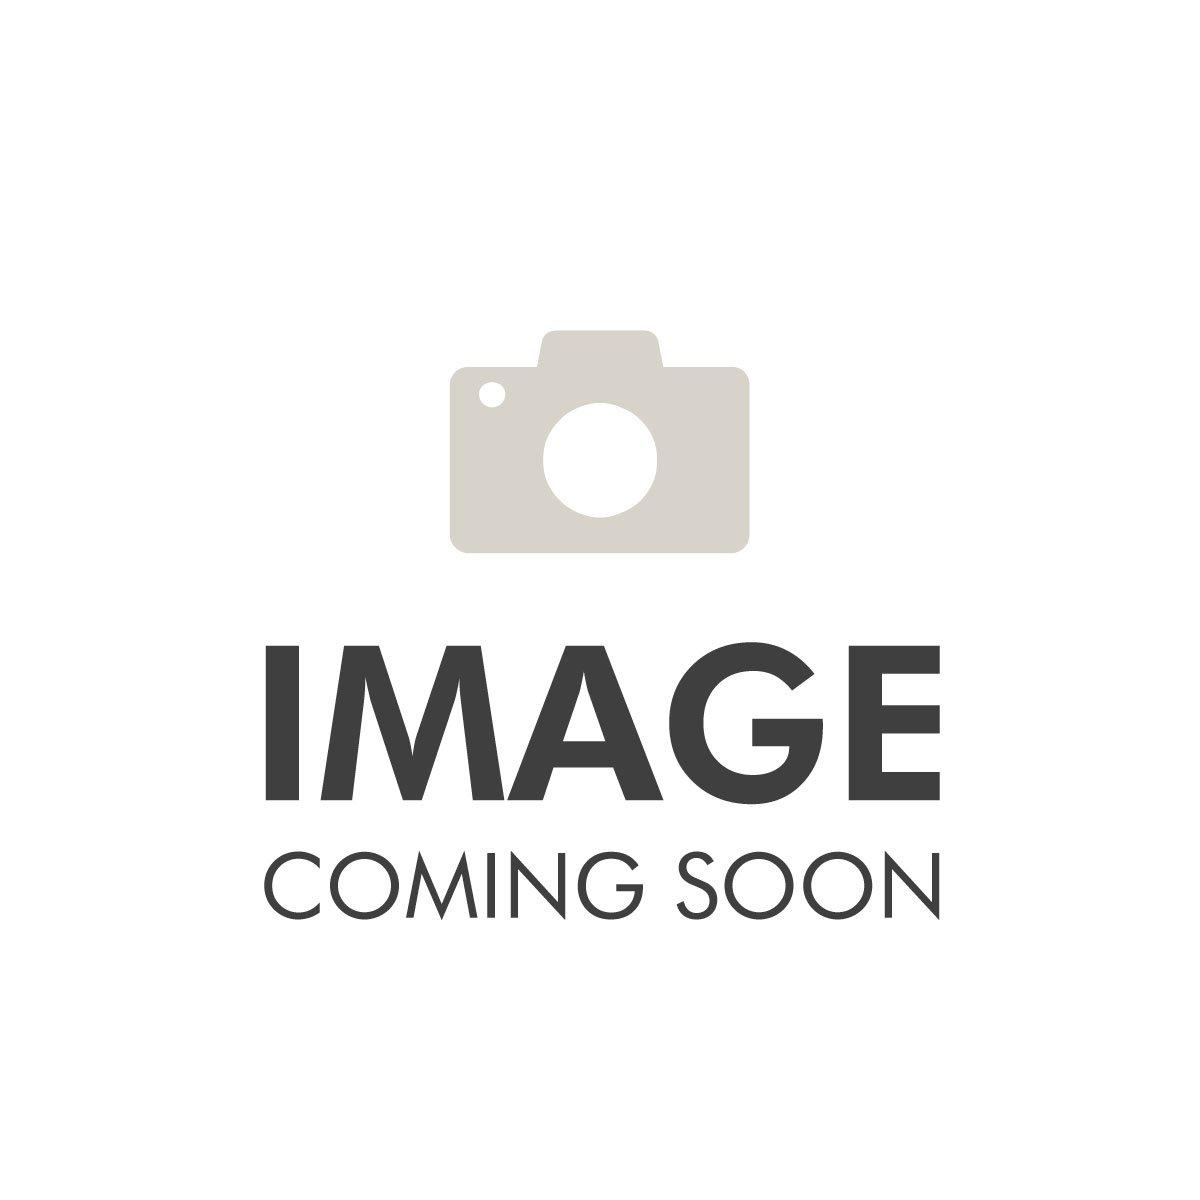 PBT - Coussin de fleuret/sabre électrique - PVC